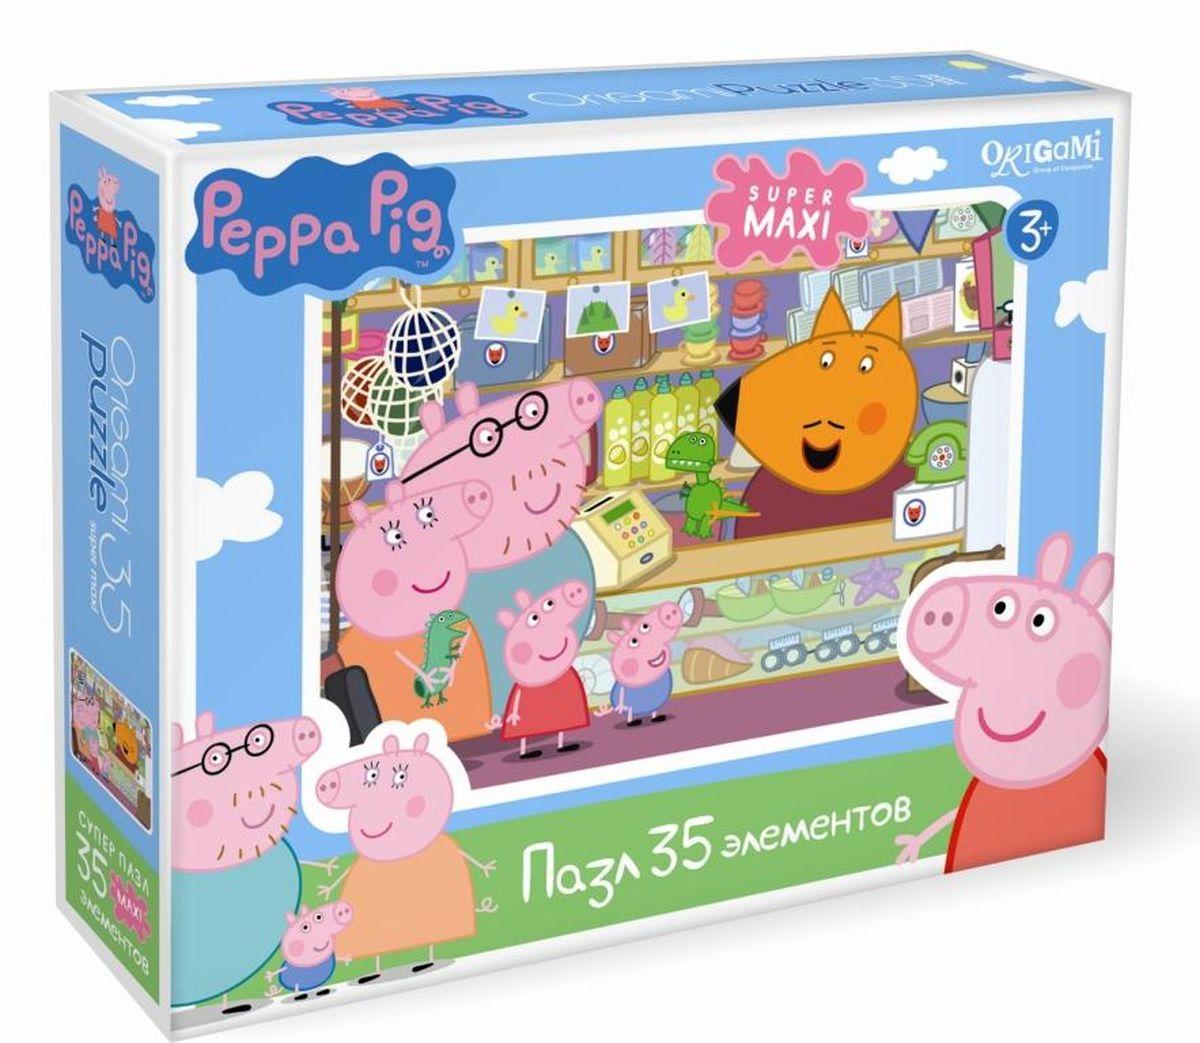 Фото Оригами Пазл для малышей Peppa Pig Сувенирная лавка. Купить  в РФ